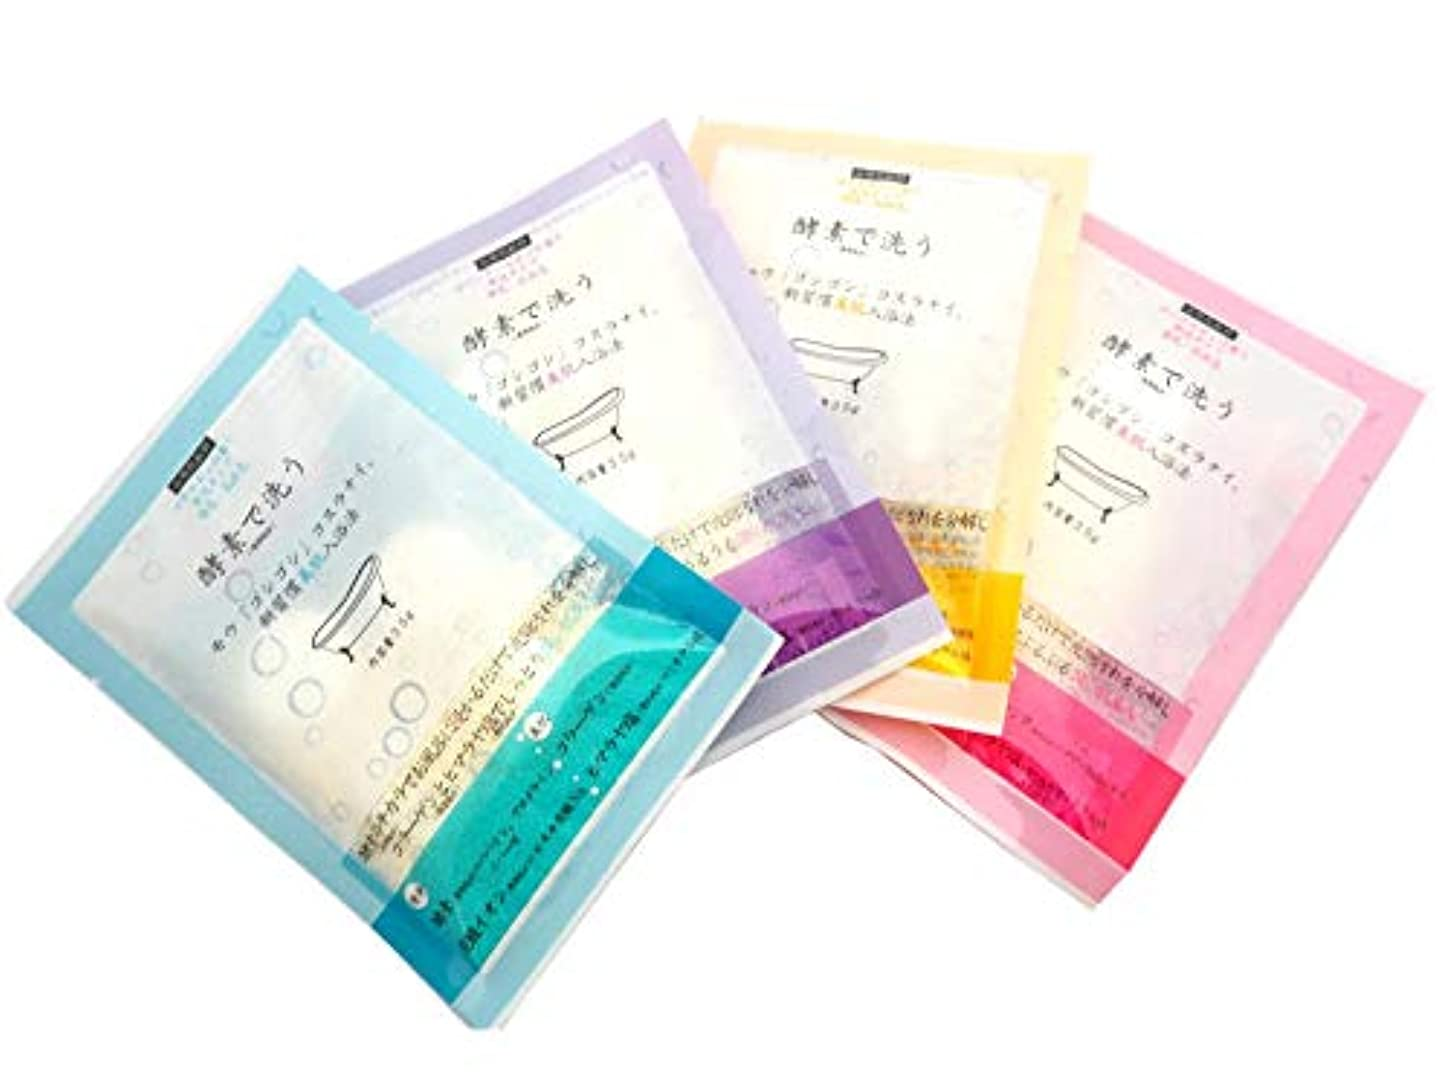 有用防腐剤アベニュー酵素で洗う入浴料 35g 4種詰め合わせセット 12個入り